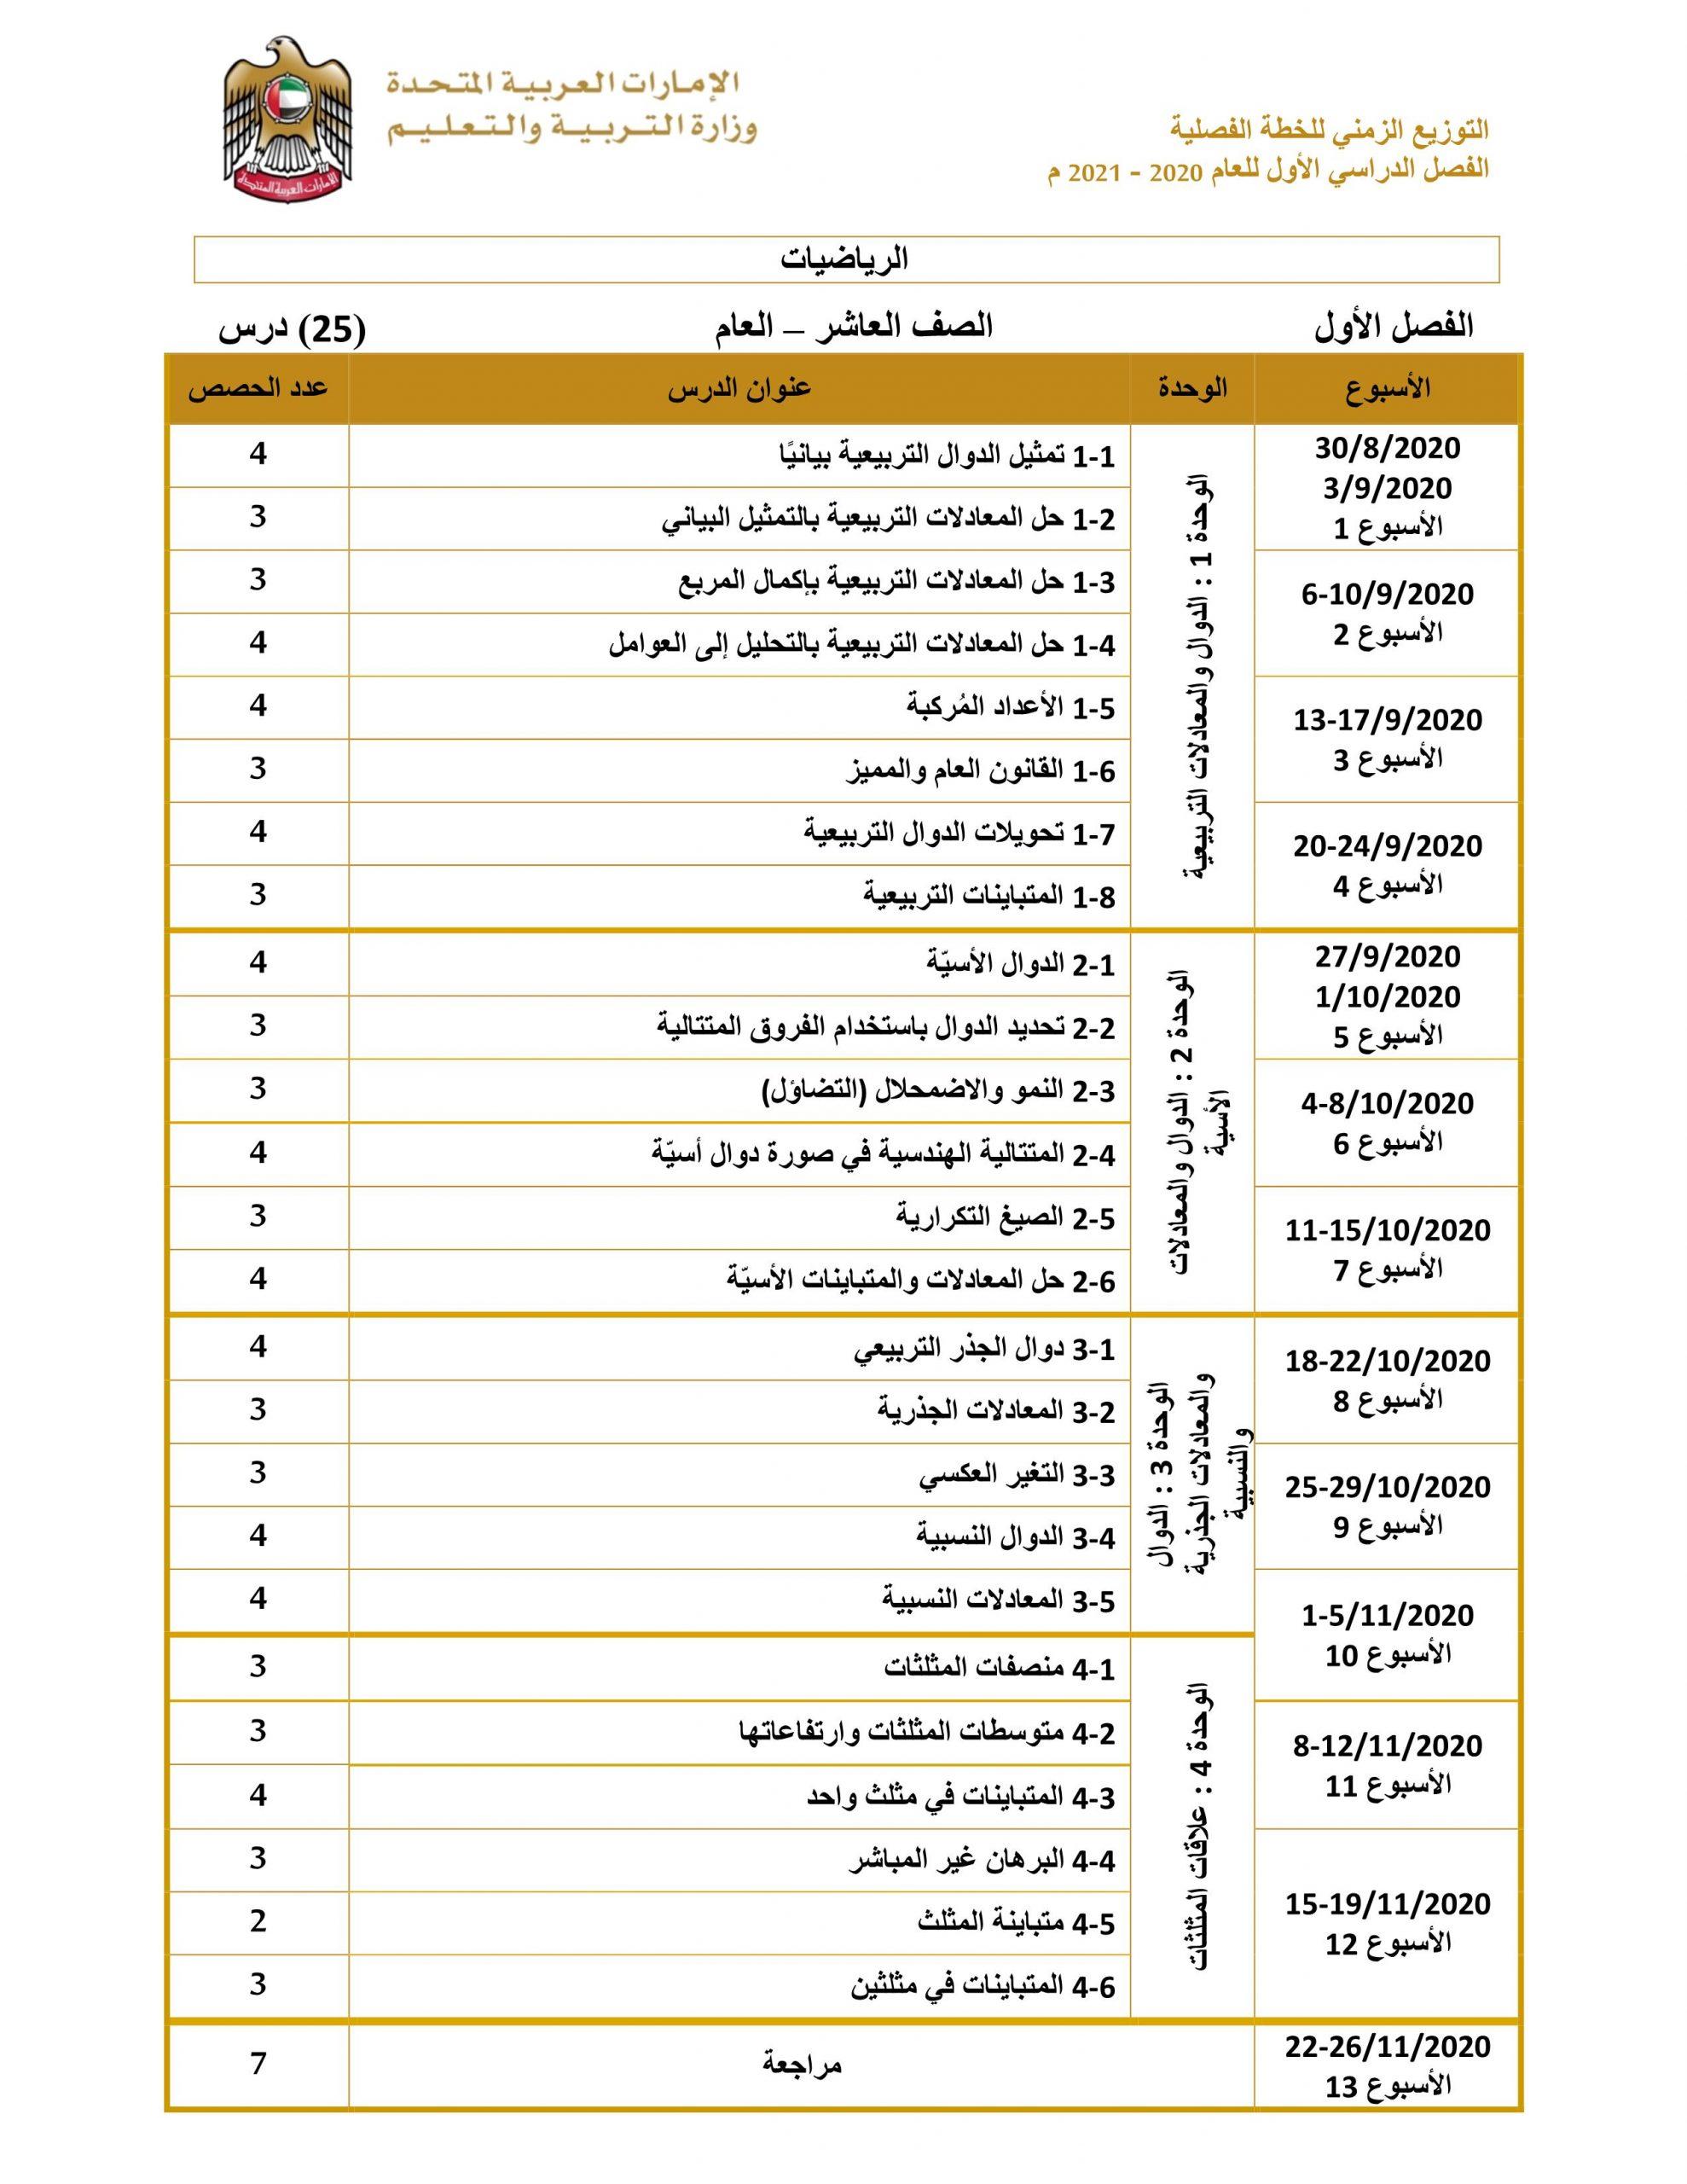 التوزيع الزمني للخطة الفصلية الفصل الدراسي الاول للصف العاشر عام مادة الرياضيات المتكاملة